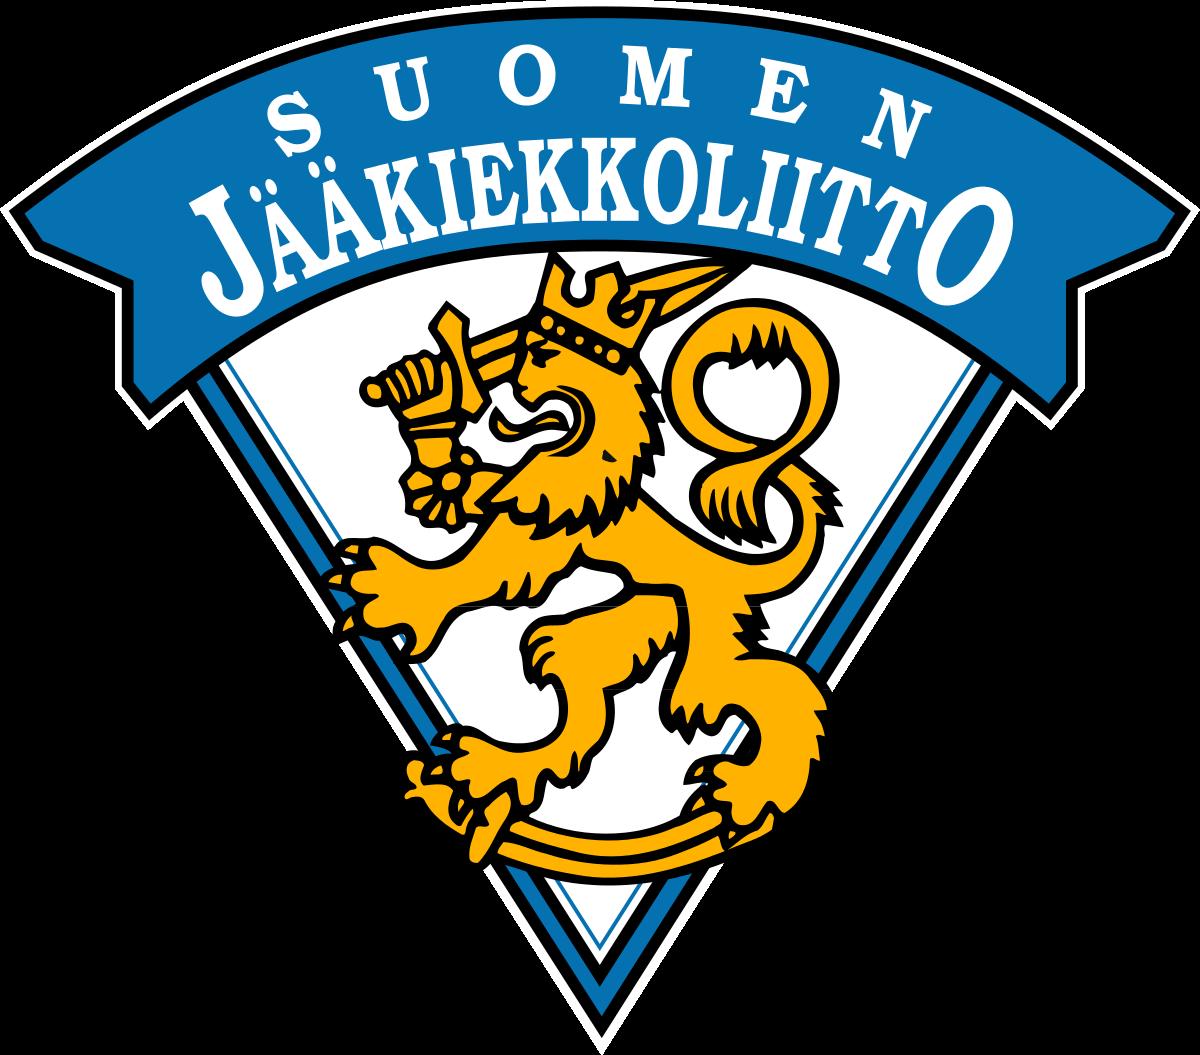 Jääkiekkoliitto palkitsi ansioituneita seurahenkilöitä